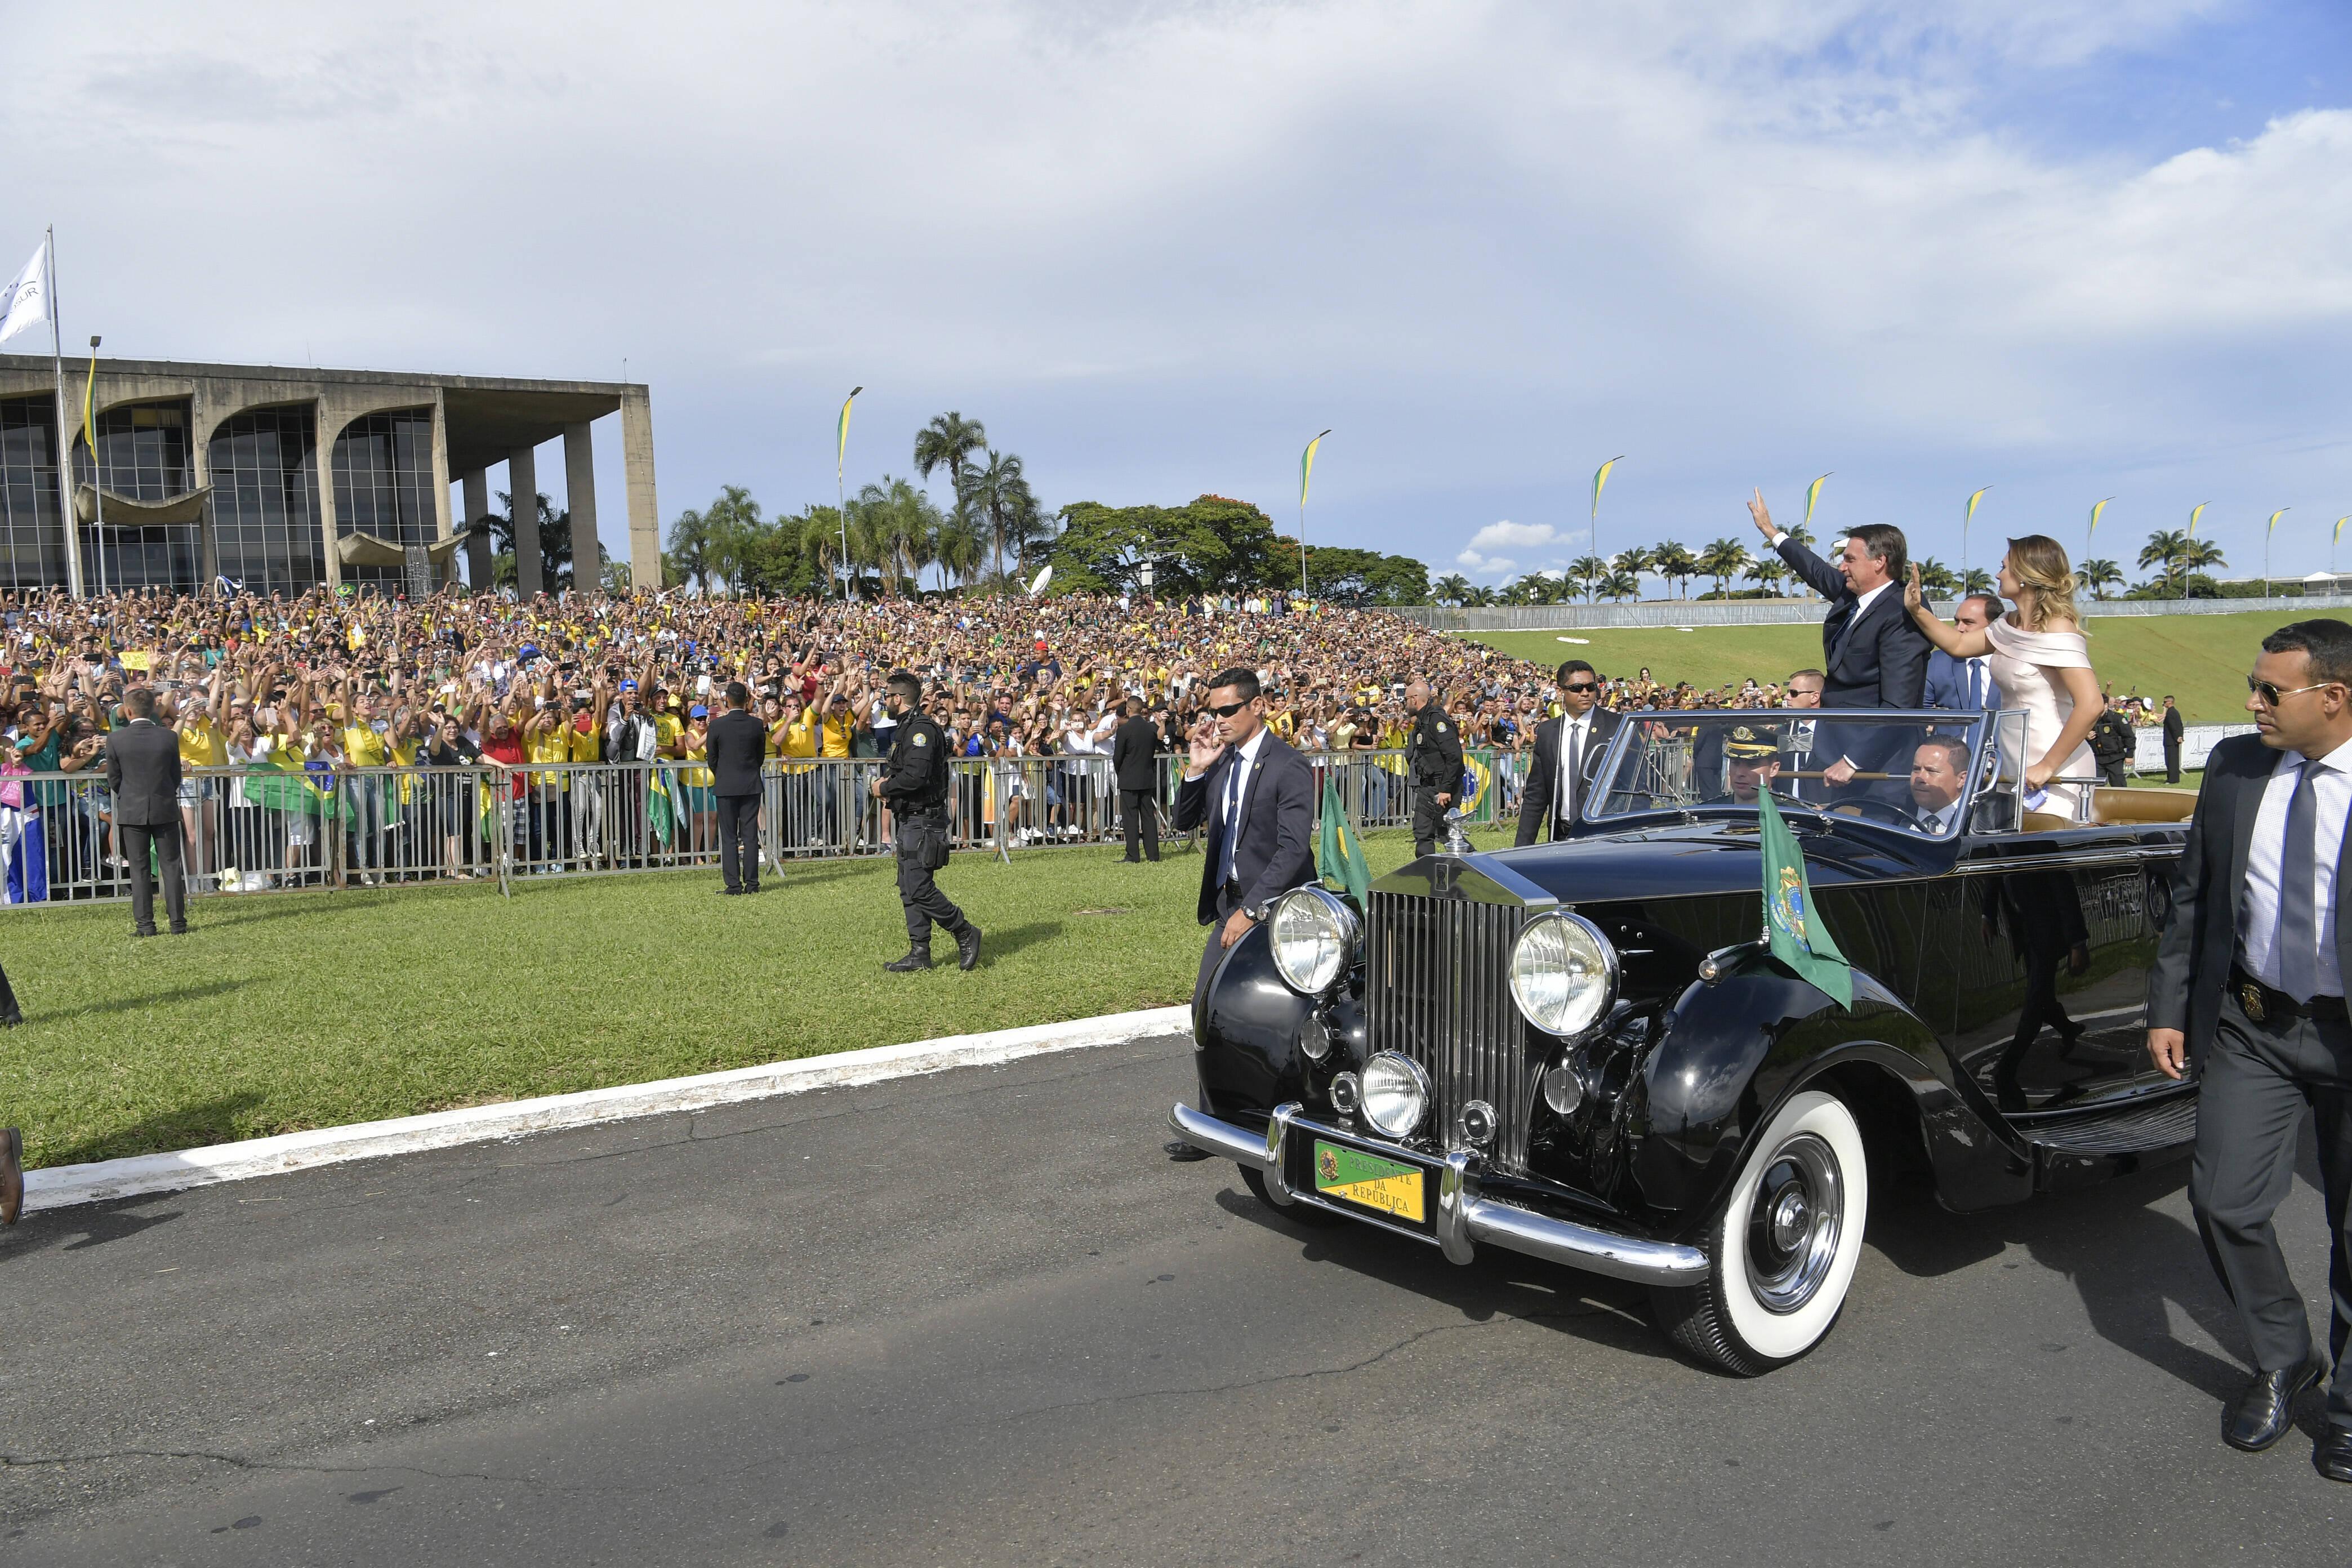 Posse de Bolsonaro teve desfile em carro aberto do presidente ao lado da primeira-dama, Michelle. Foto: Marcos Brandão/Agência Senado - 1.1.19